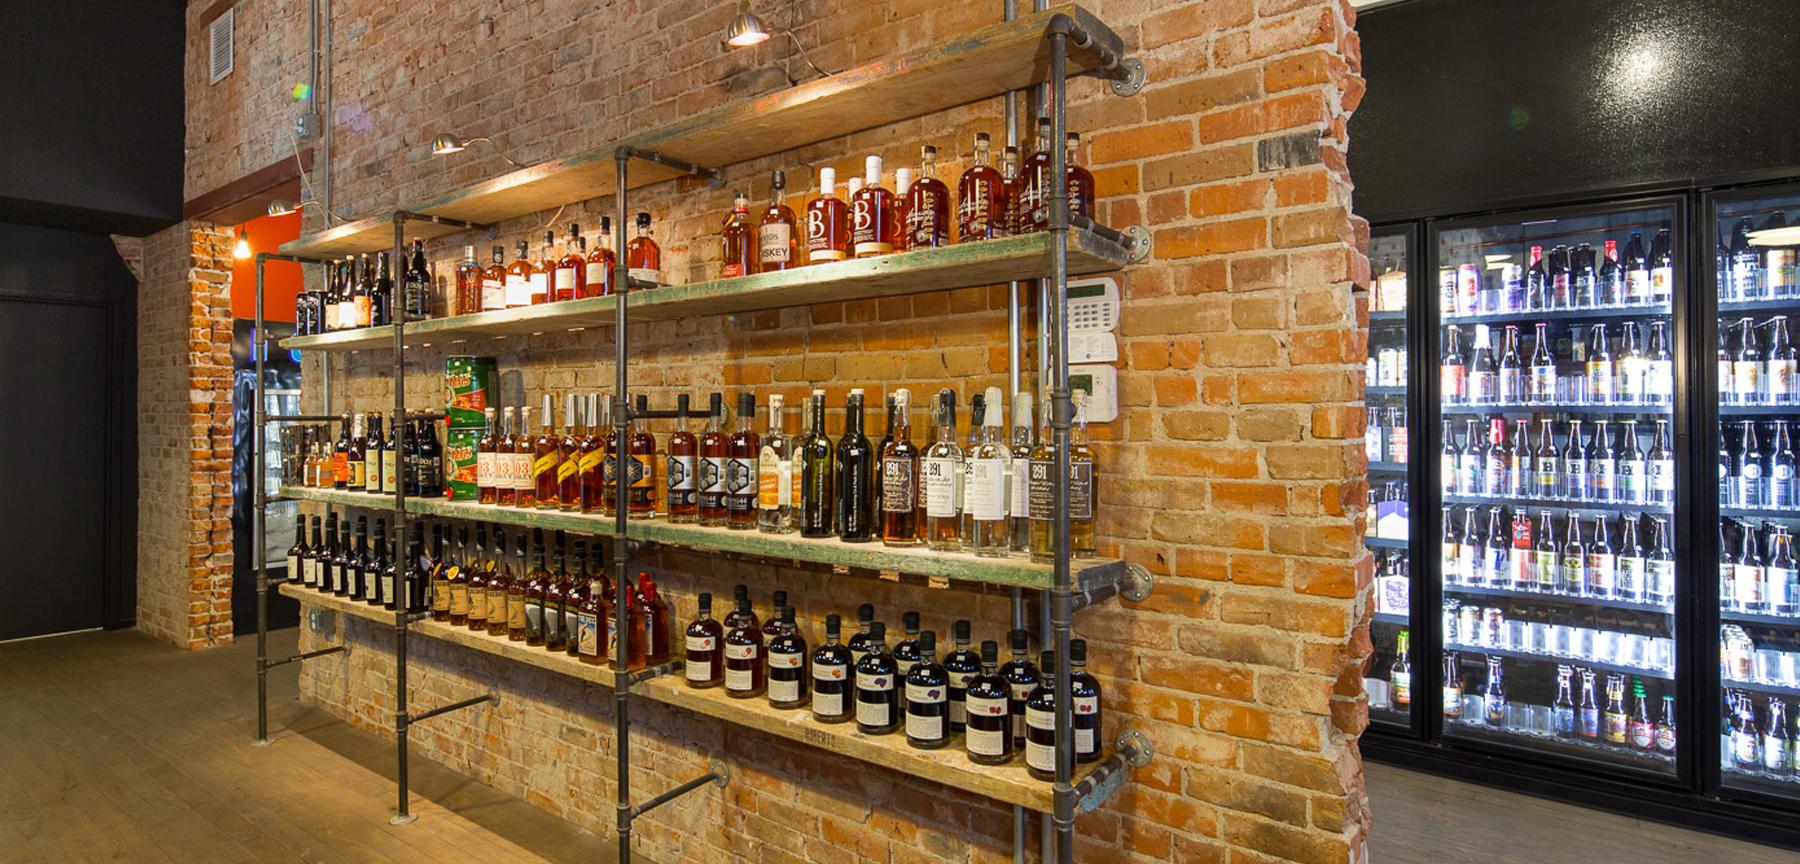 Hugo's Colorado Beer and Spirits shelves